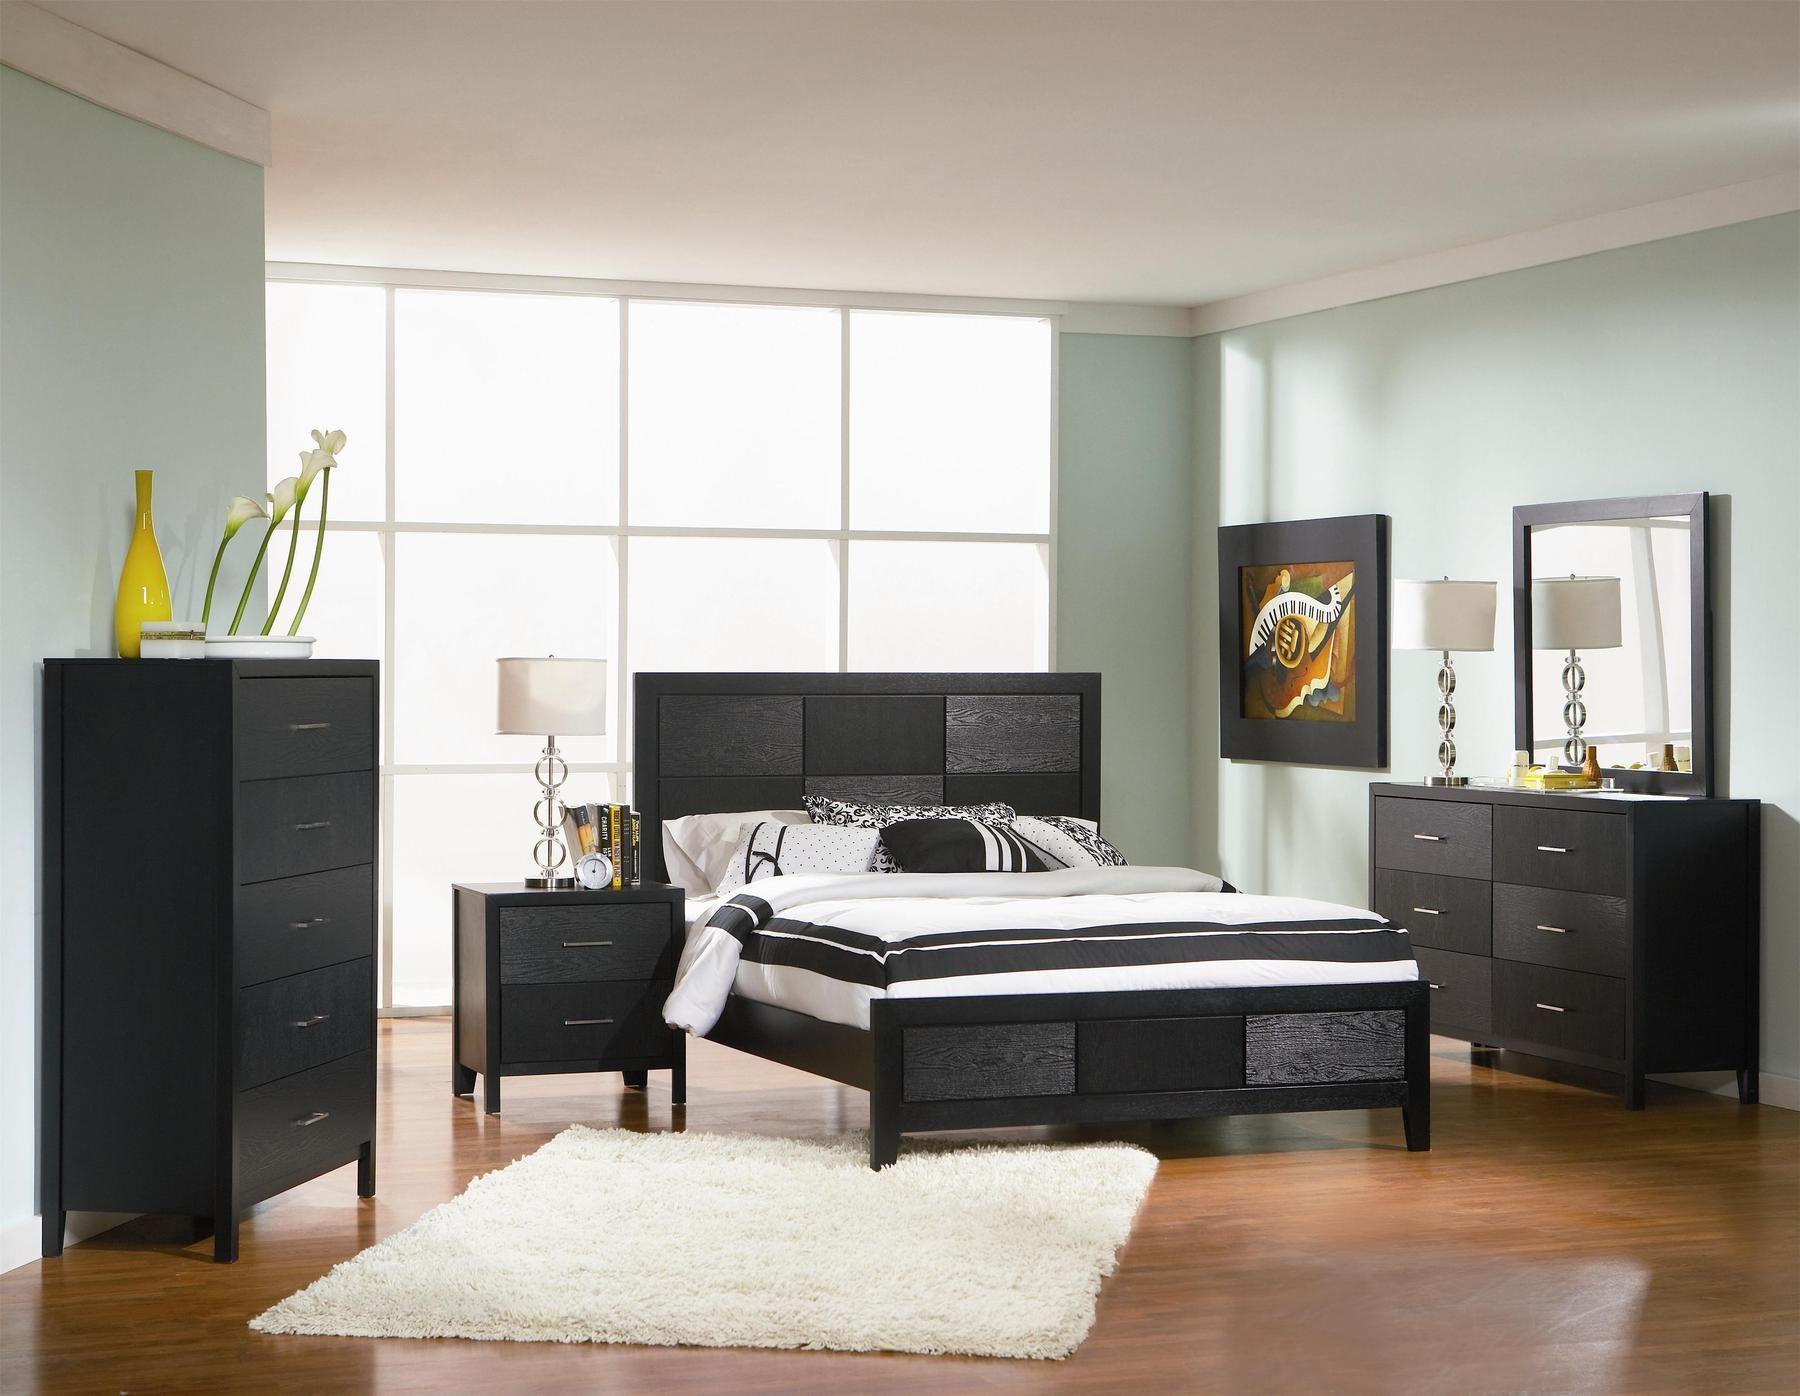 Coaster Grove I Strict Simple Design Modern Black King Bed